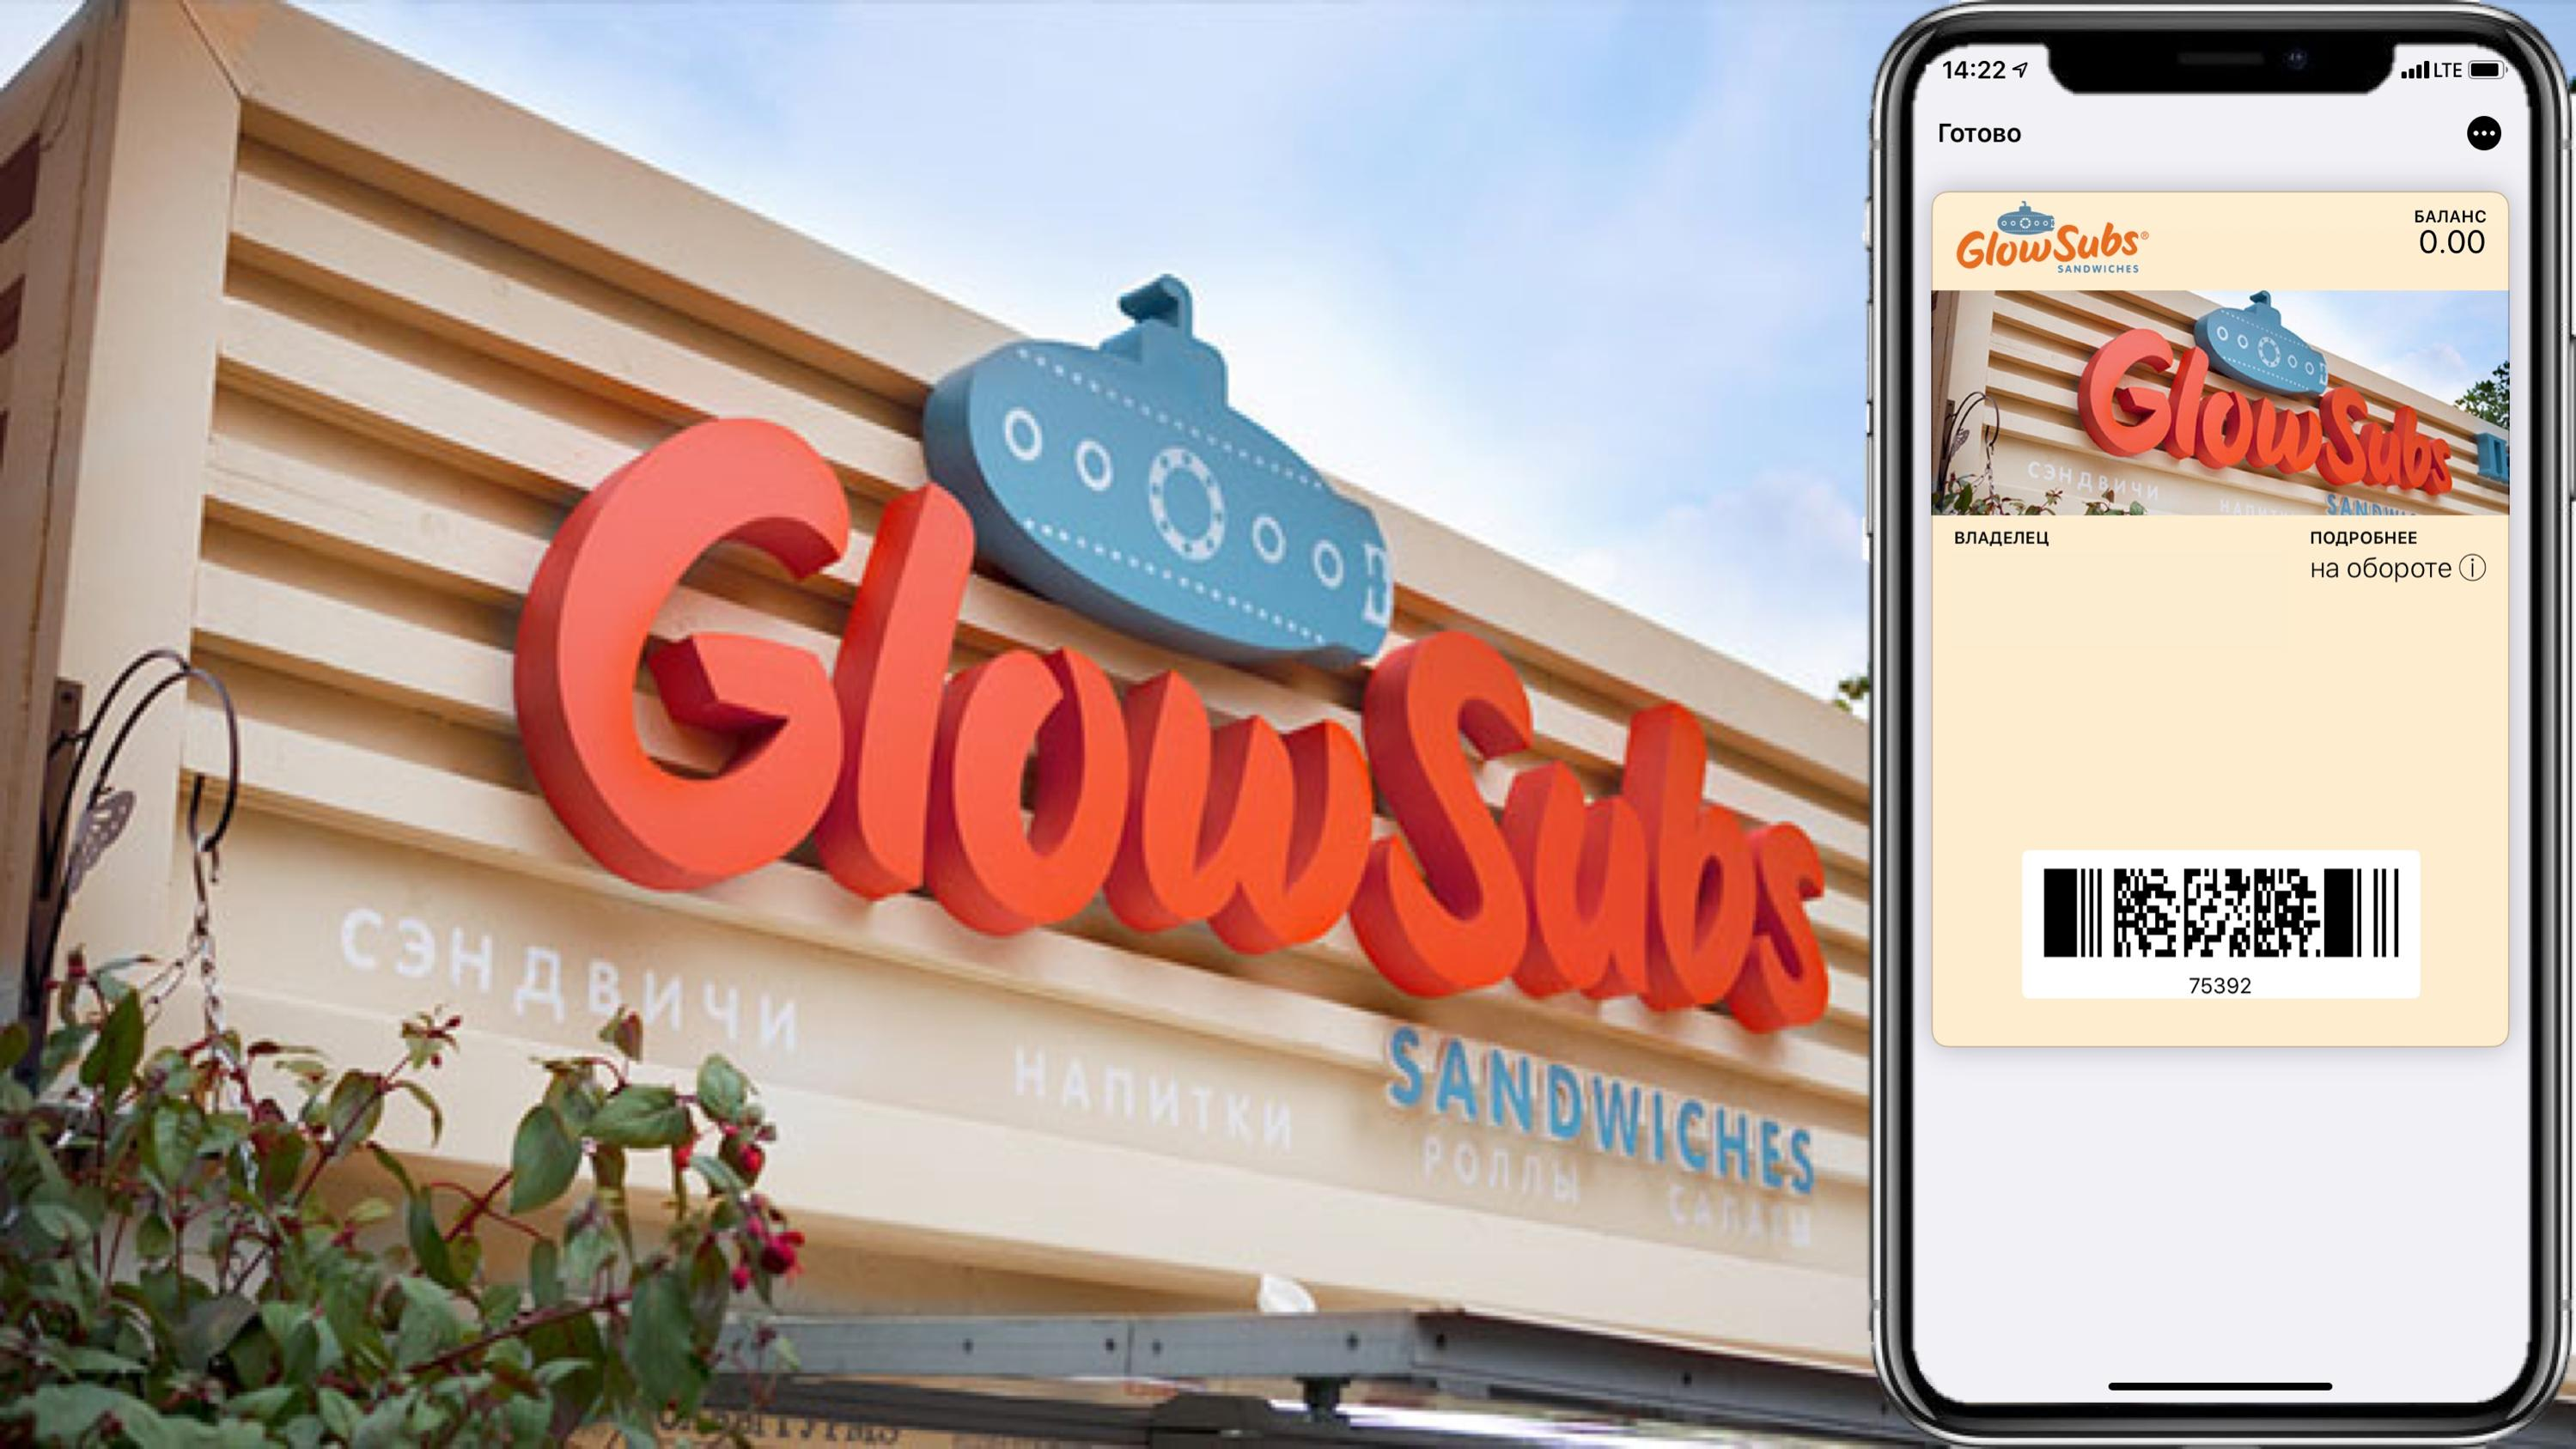 Как выстроить коммуникацию с клиентами через электронные карты Wallet в креативной сети ресторанов быстрого питания